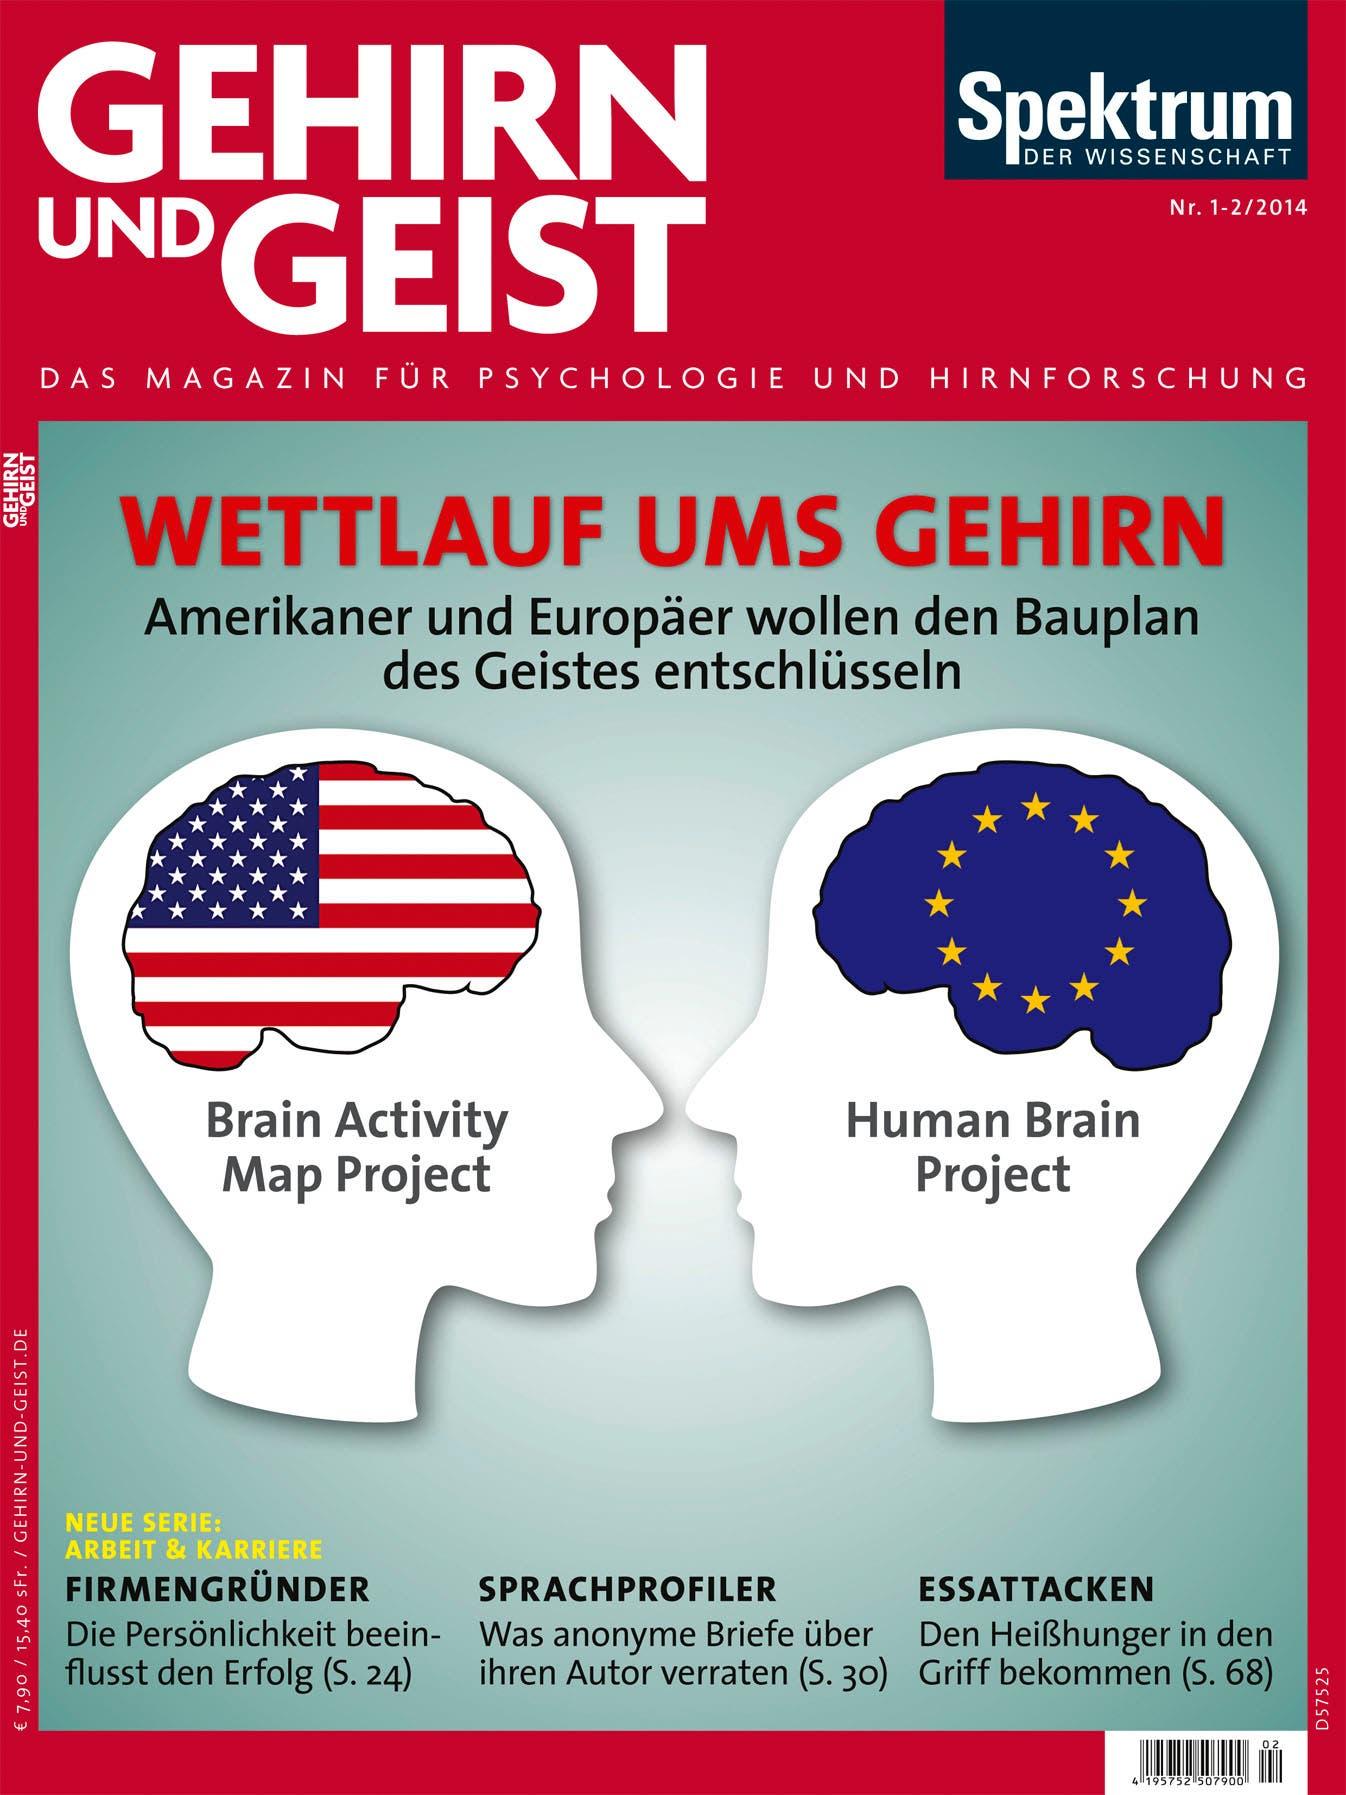 """Aus """"Gehirn und Geist"""" 12/2013 <br><a href=""""https://www.spektrum.de/artikel/1065440"""" target=""""_blank"""">Kostenloses Probeheft</a>"""